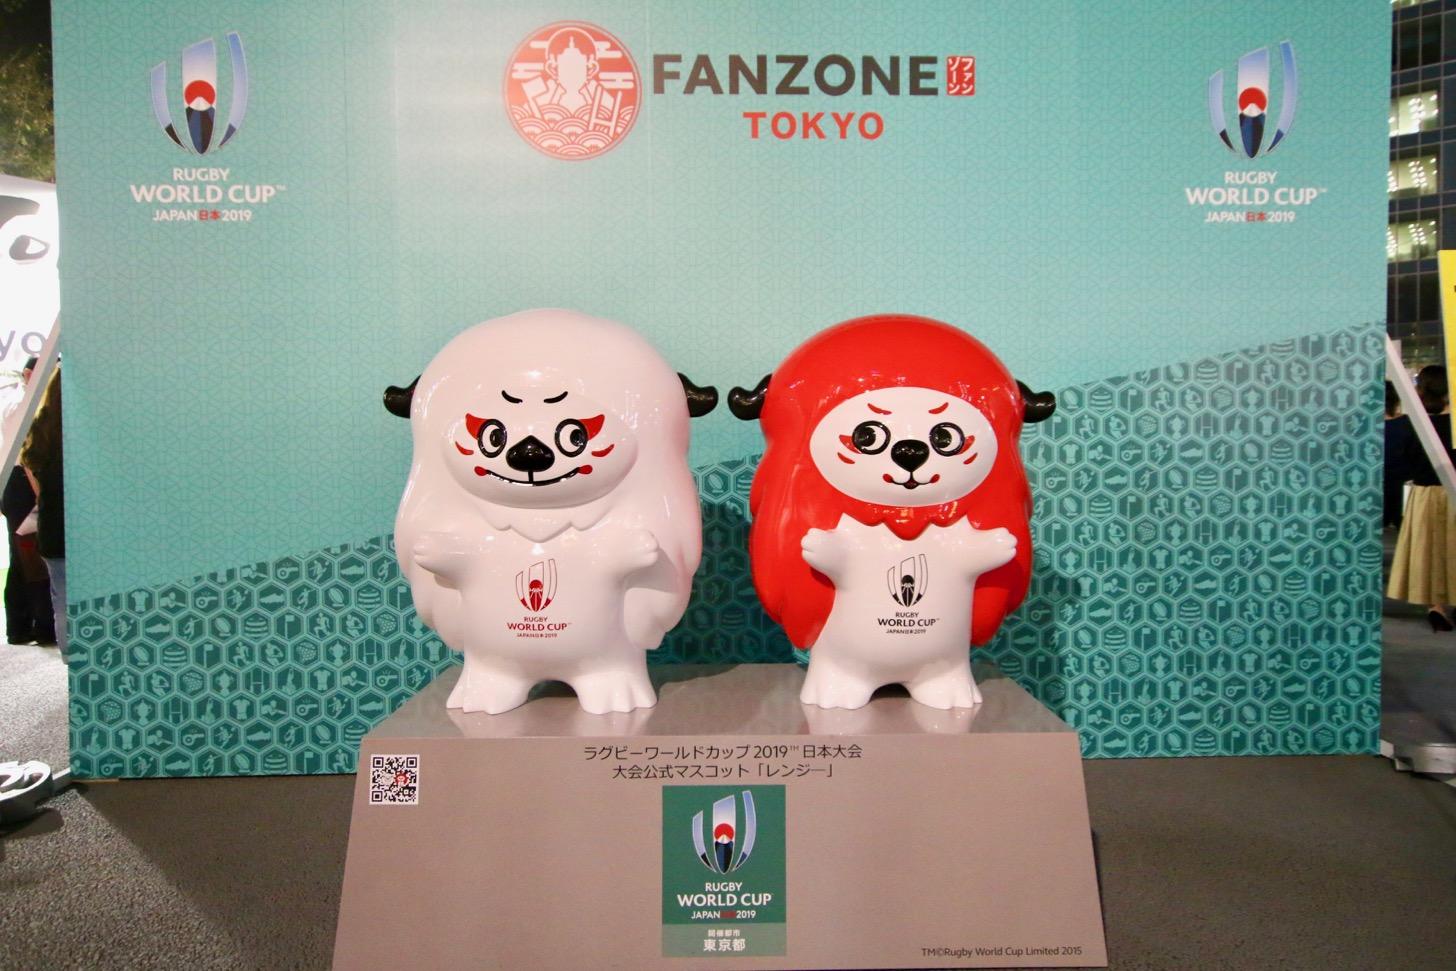 【ラグビーワールドカップ2019パブリックビューイング】調布駅前広場「ファンゾーン in 東京」